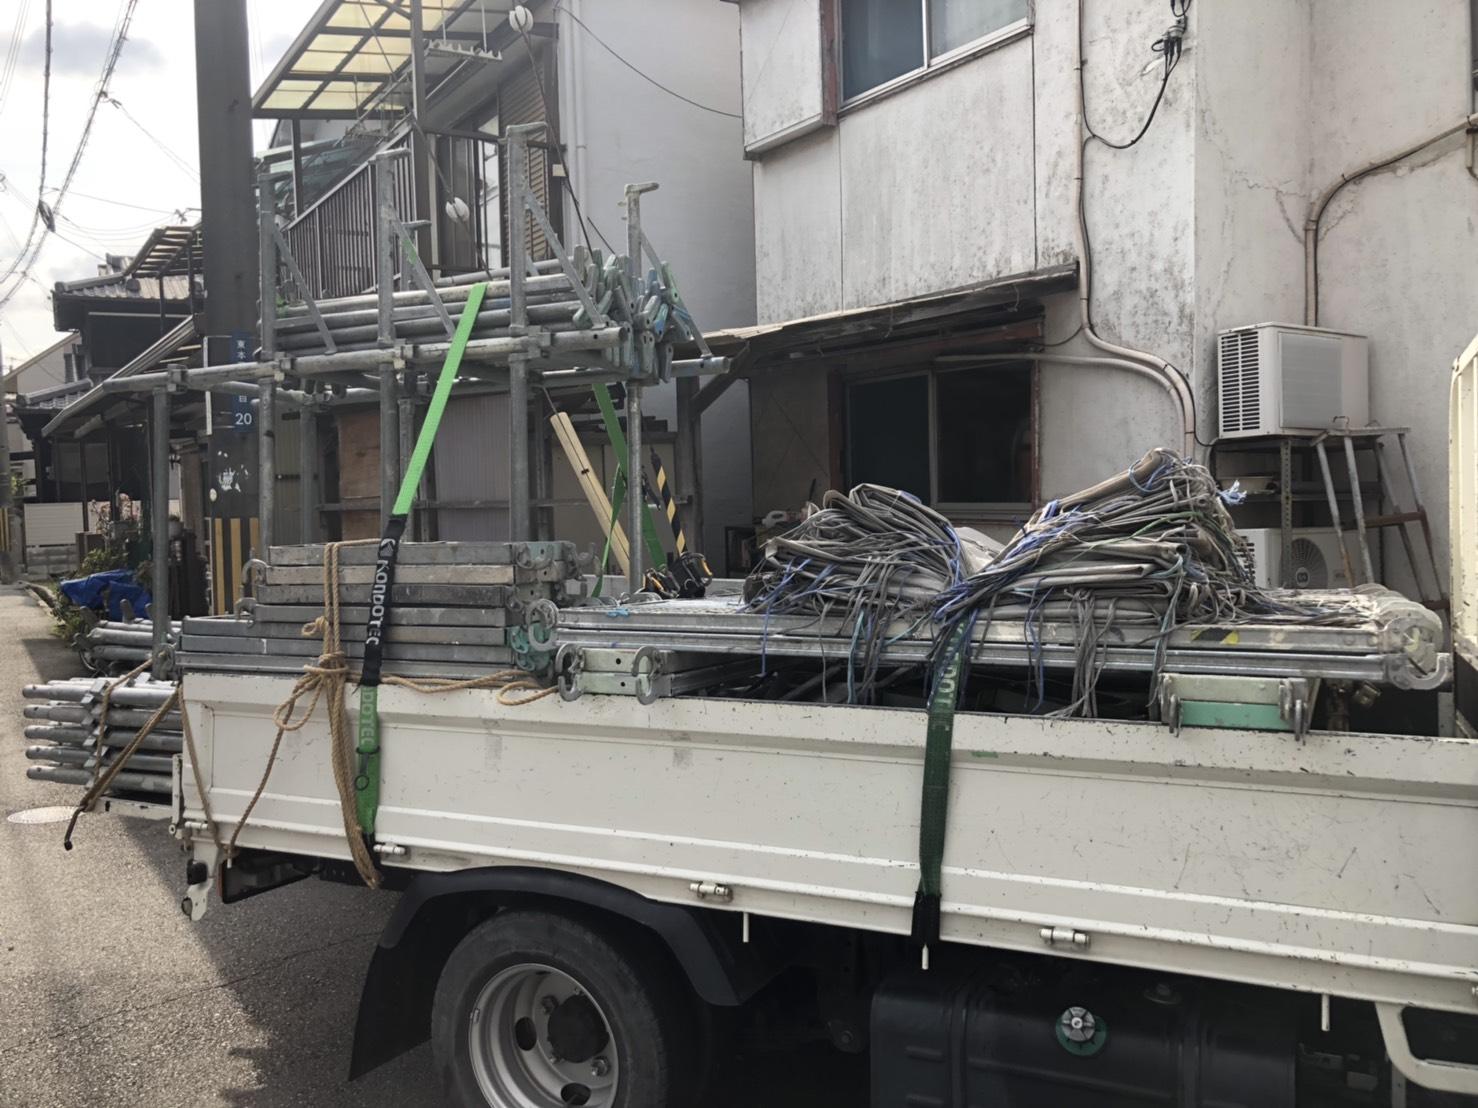 加古郡播磨町での波板交換に必要な仮設足場を積んだトラックの様子